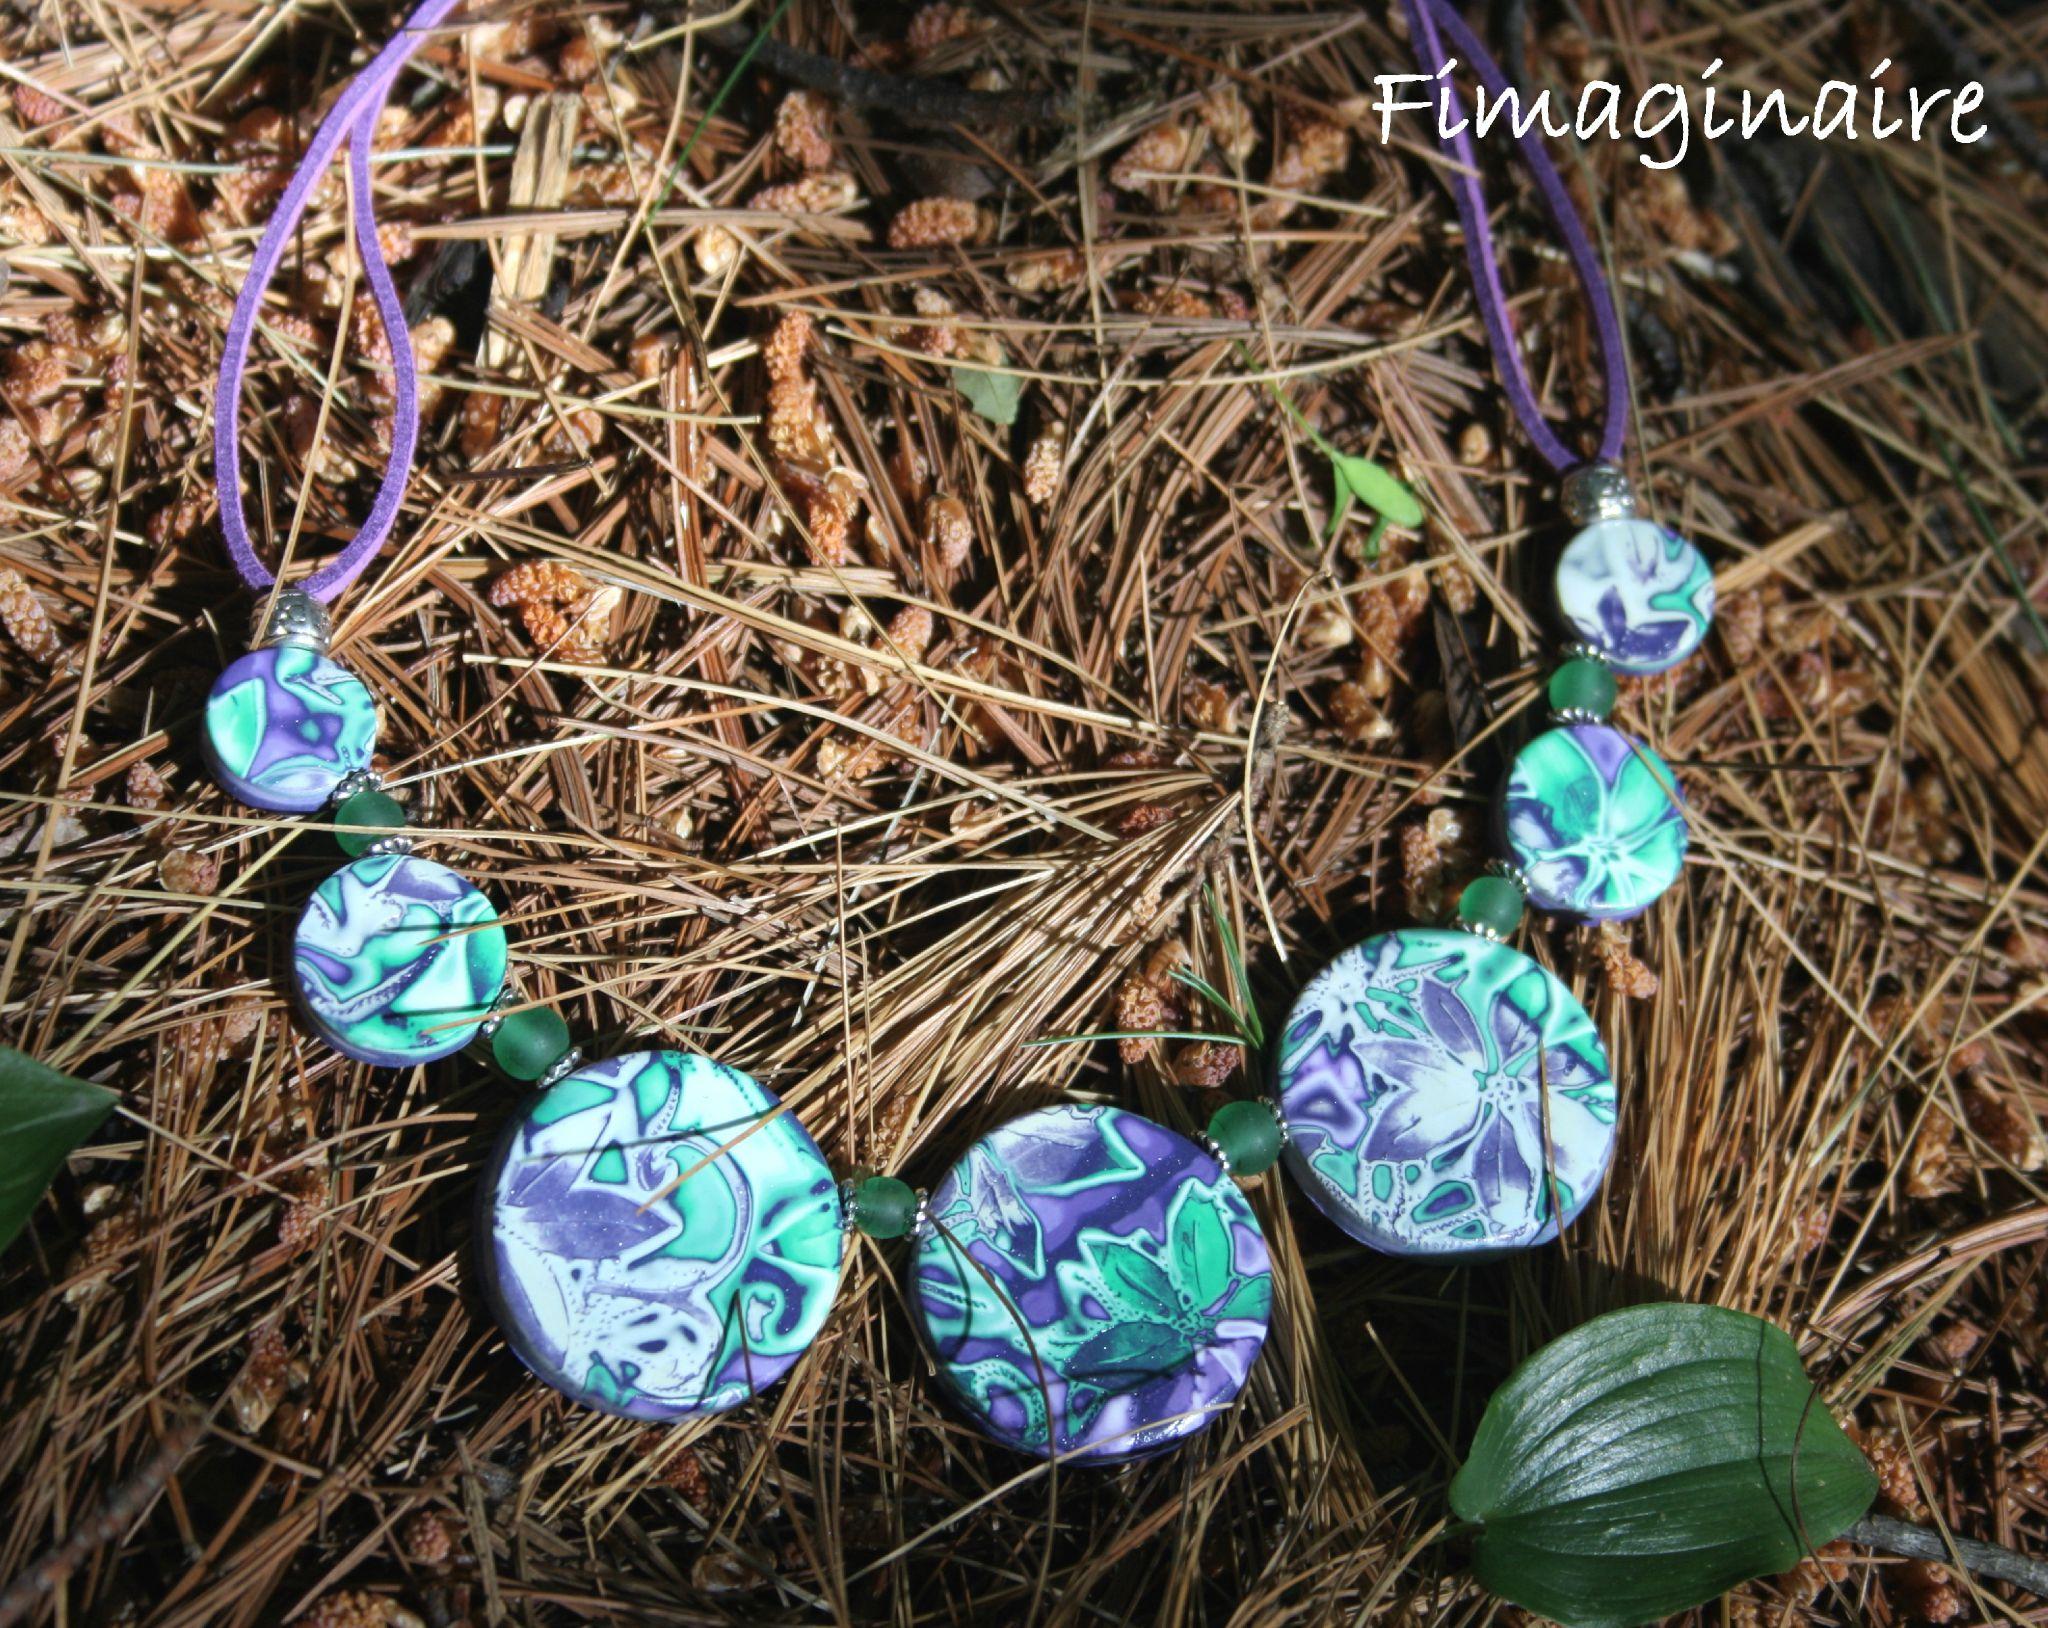 collier ronds mauves, verts et blancs - 20$